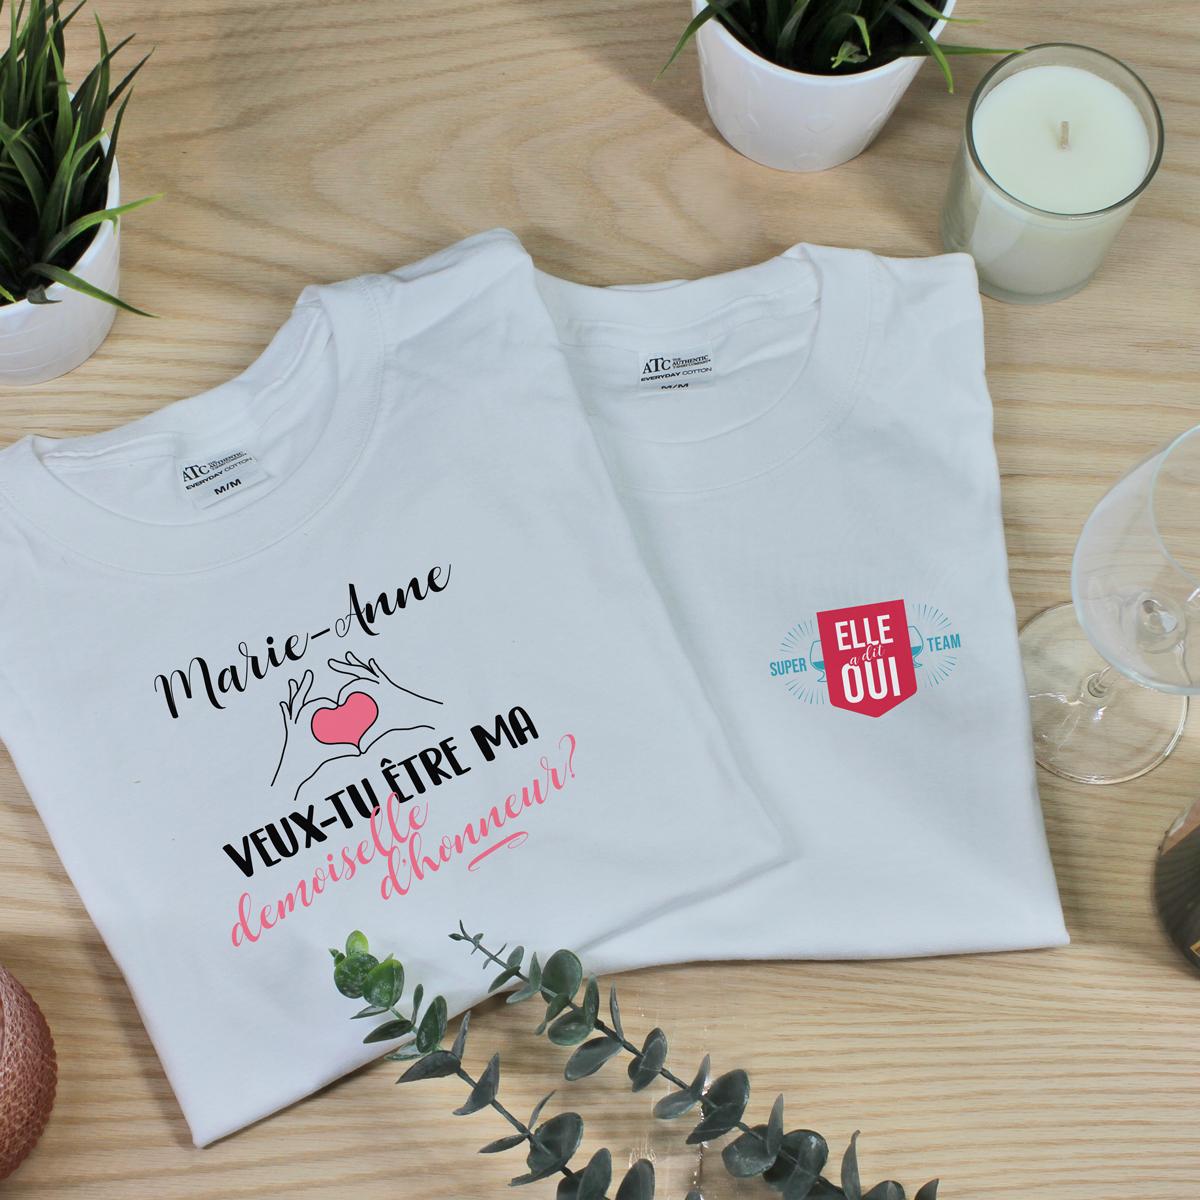 t-shirt personnalise - future mariee et demoiselle d'honneur